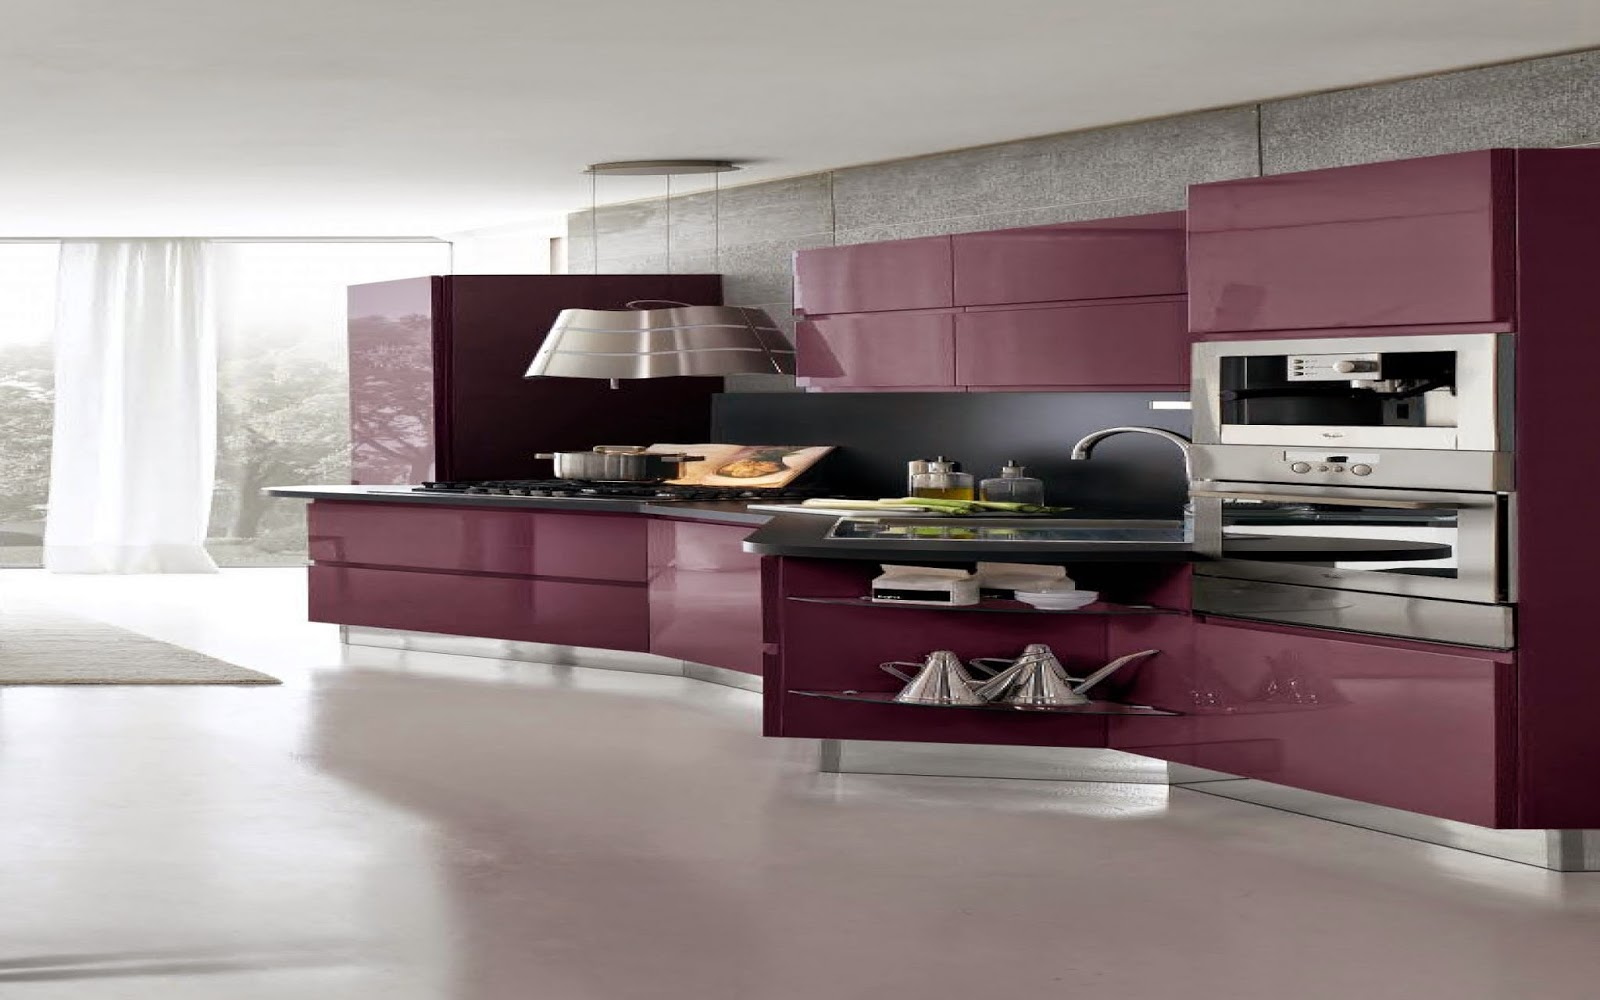 photo de cuisine moderne. Black Bedroom Furniture Sets. Home Design Ideas